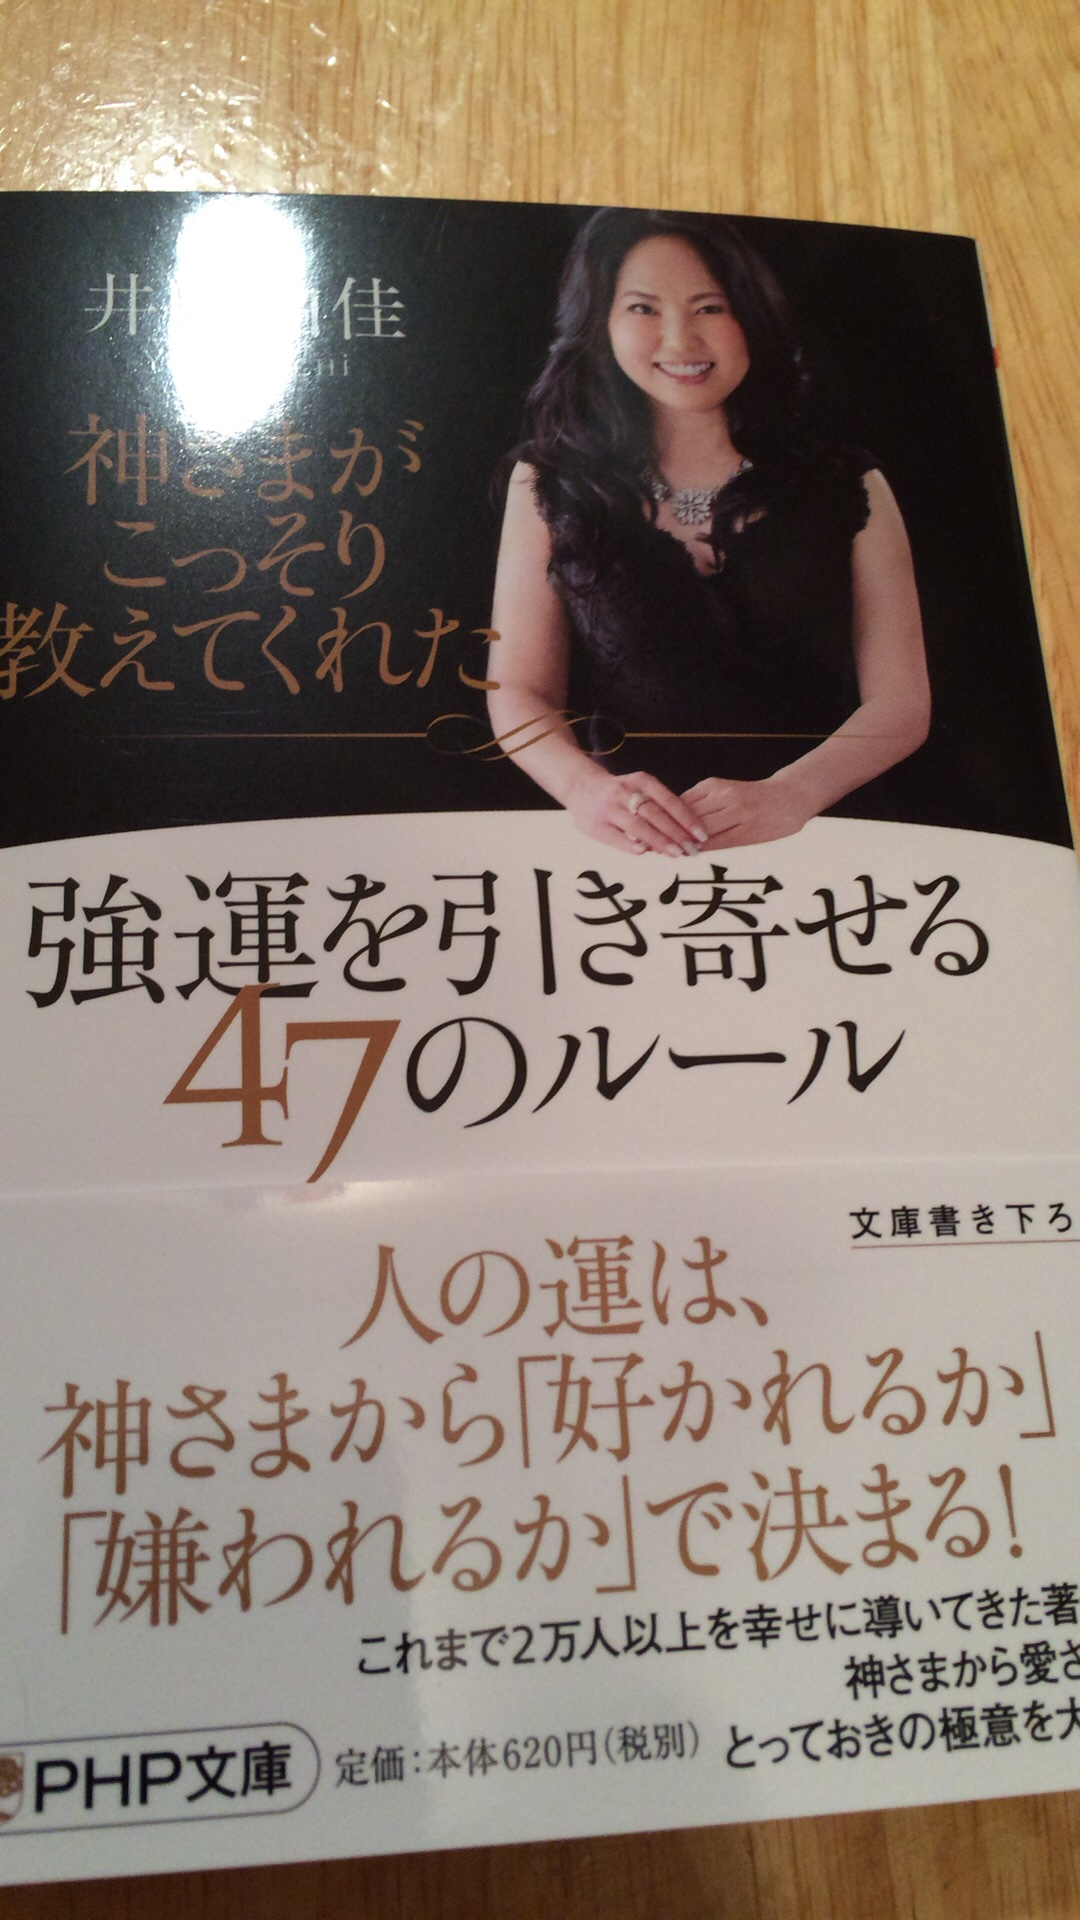 井内由佳さん 強運を引き寄せる47のルール